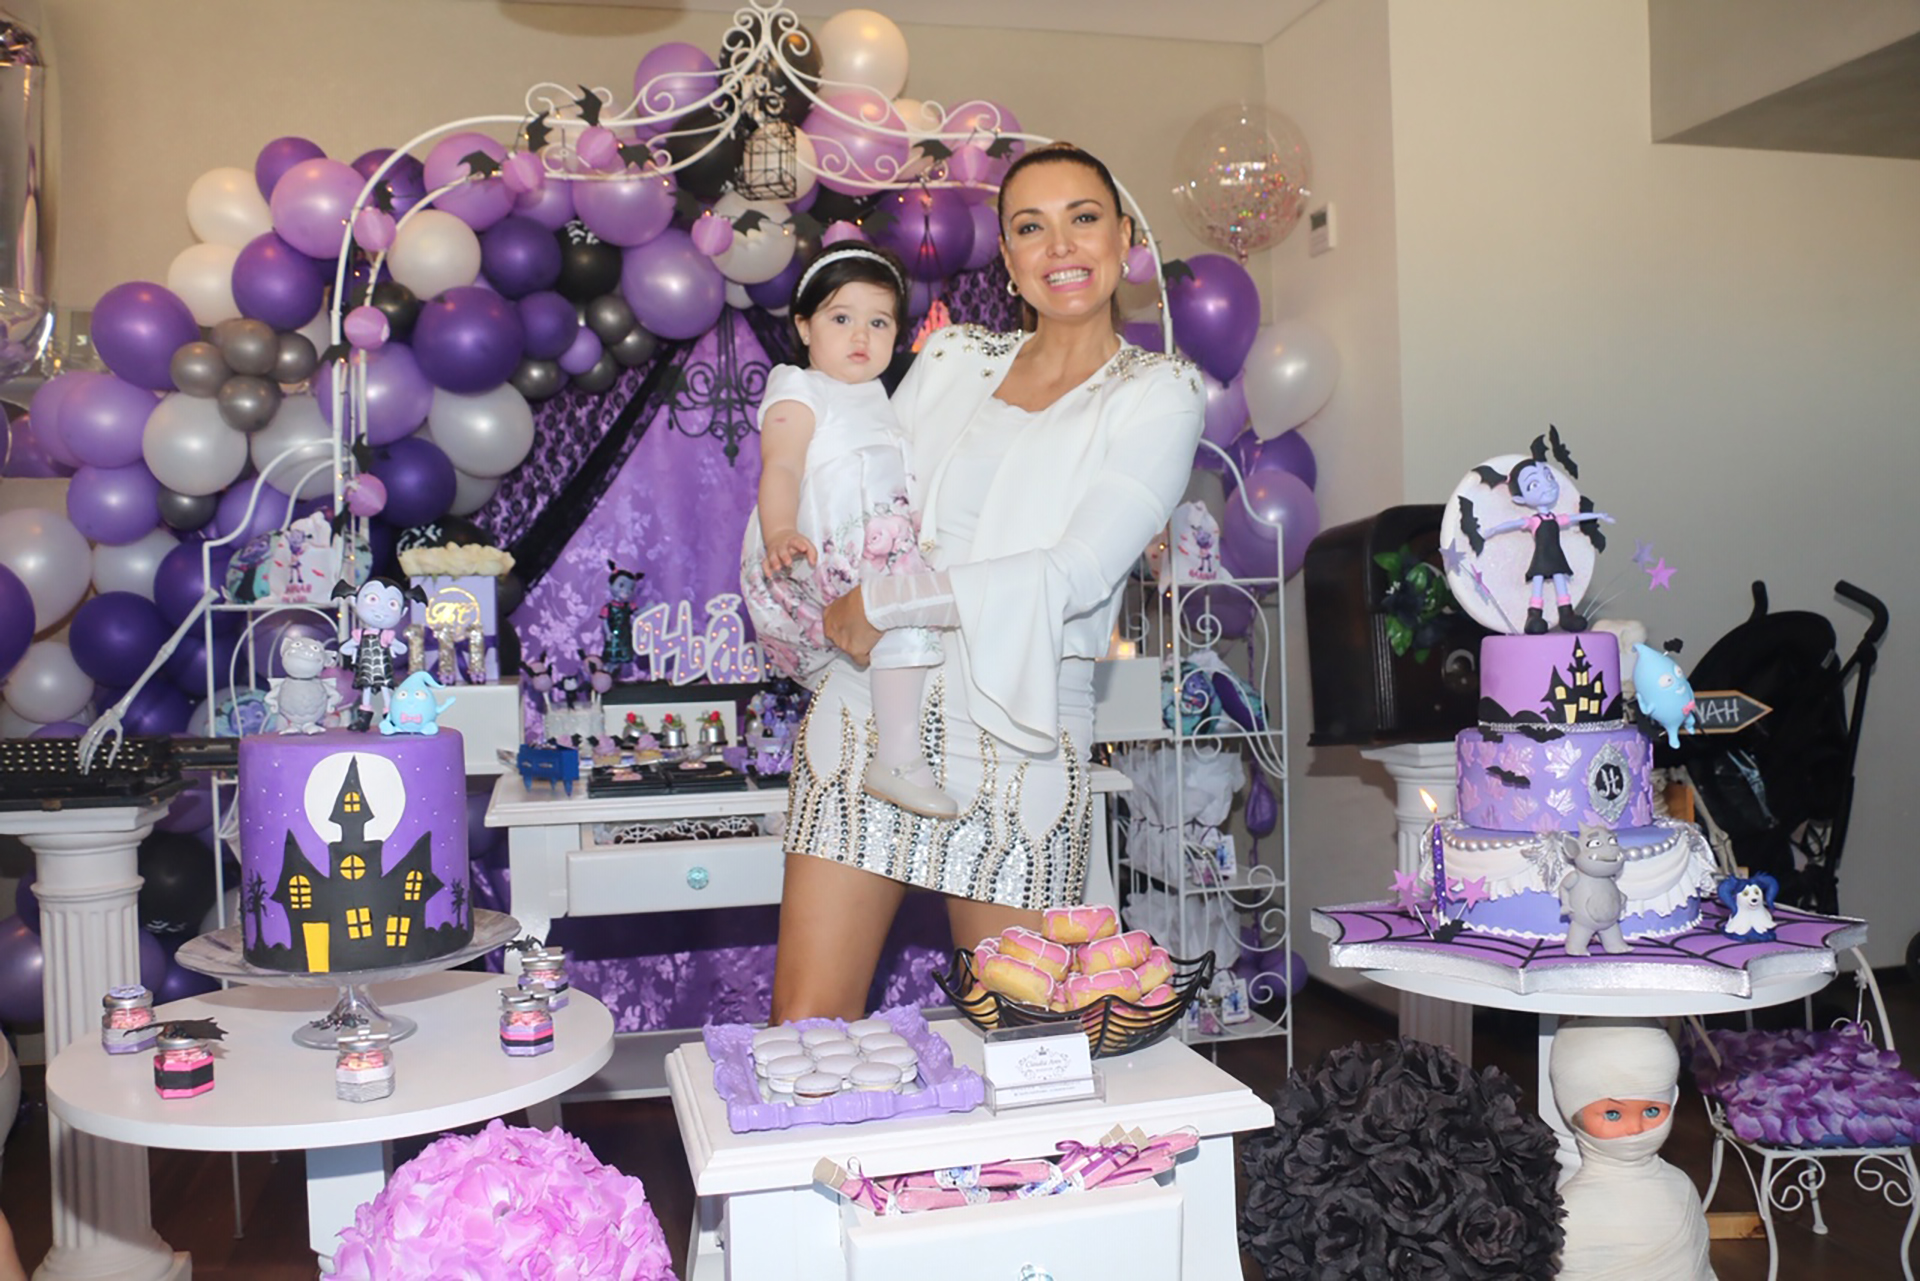 El violeta, el rosa y el negro predominaron en la decoración del cumpleaños